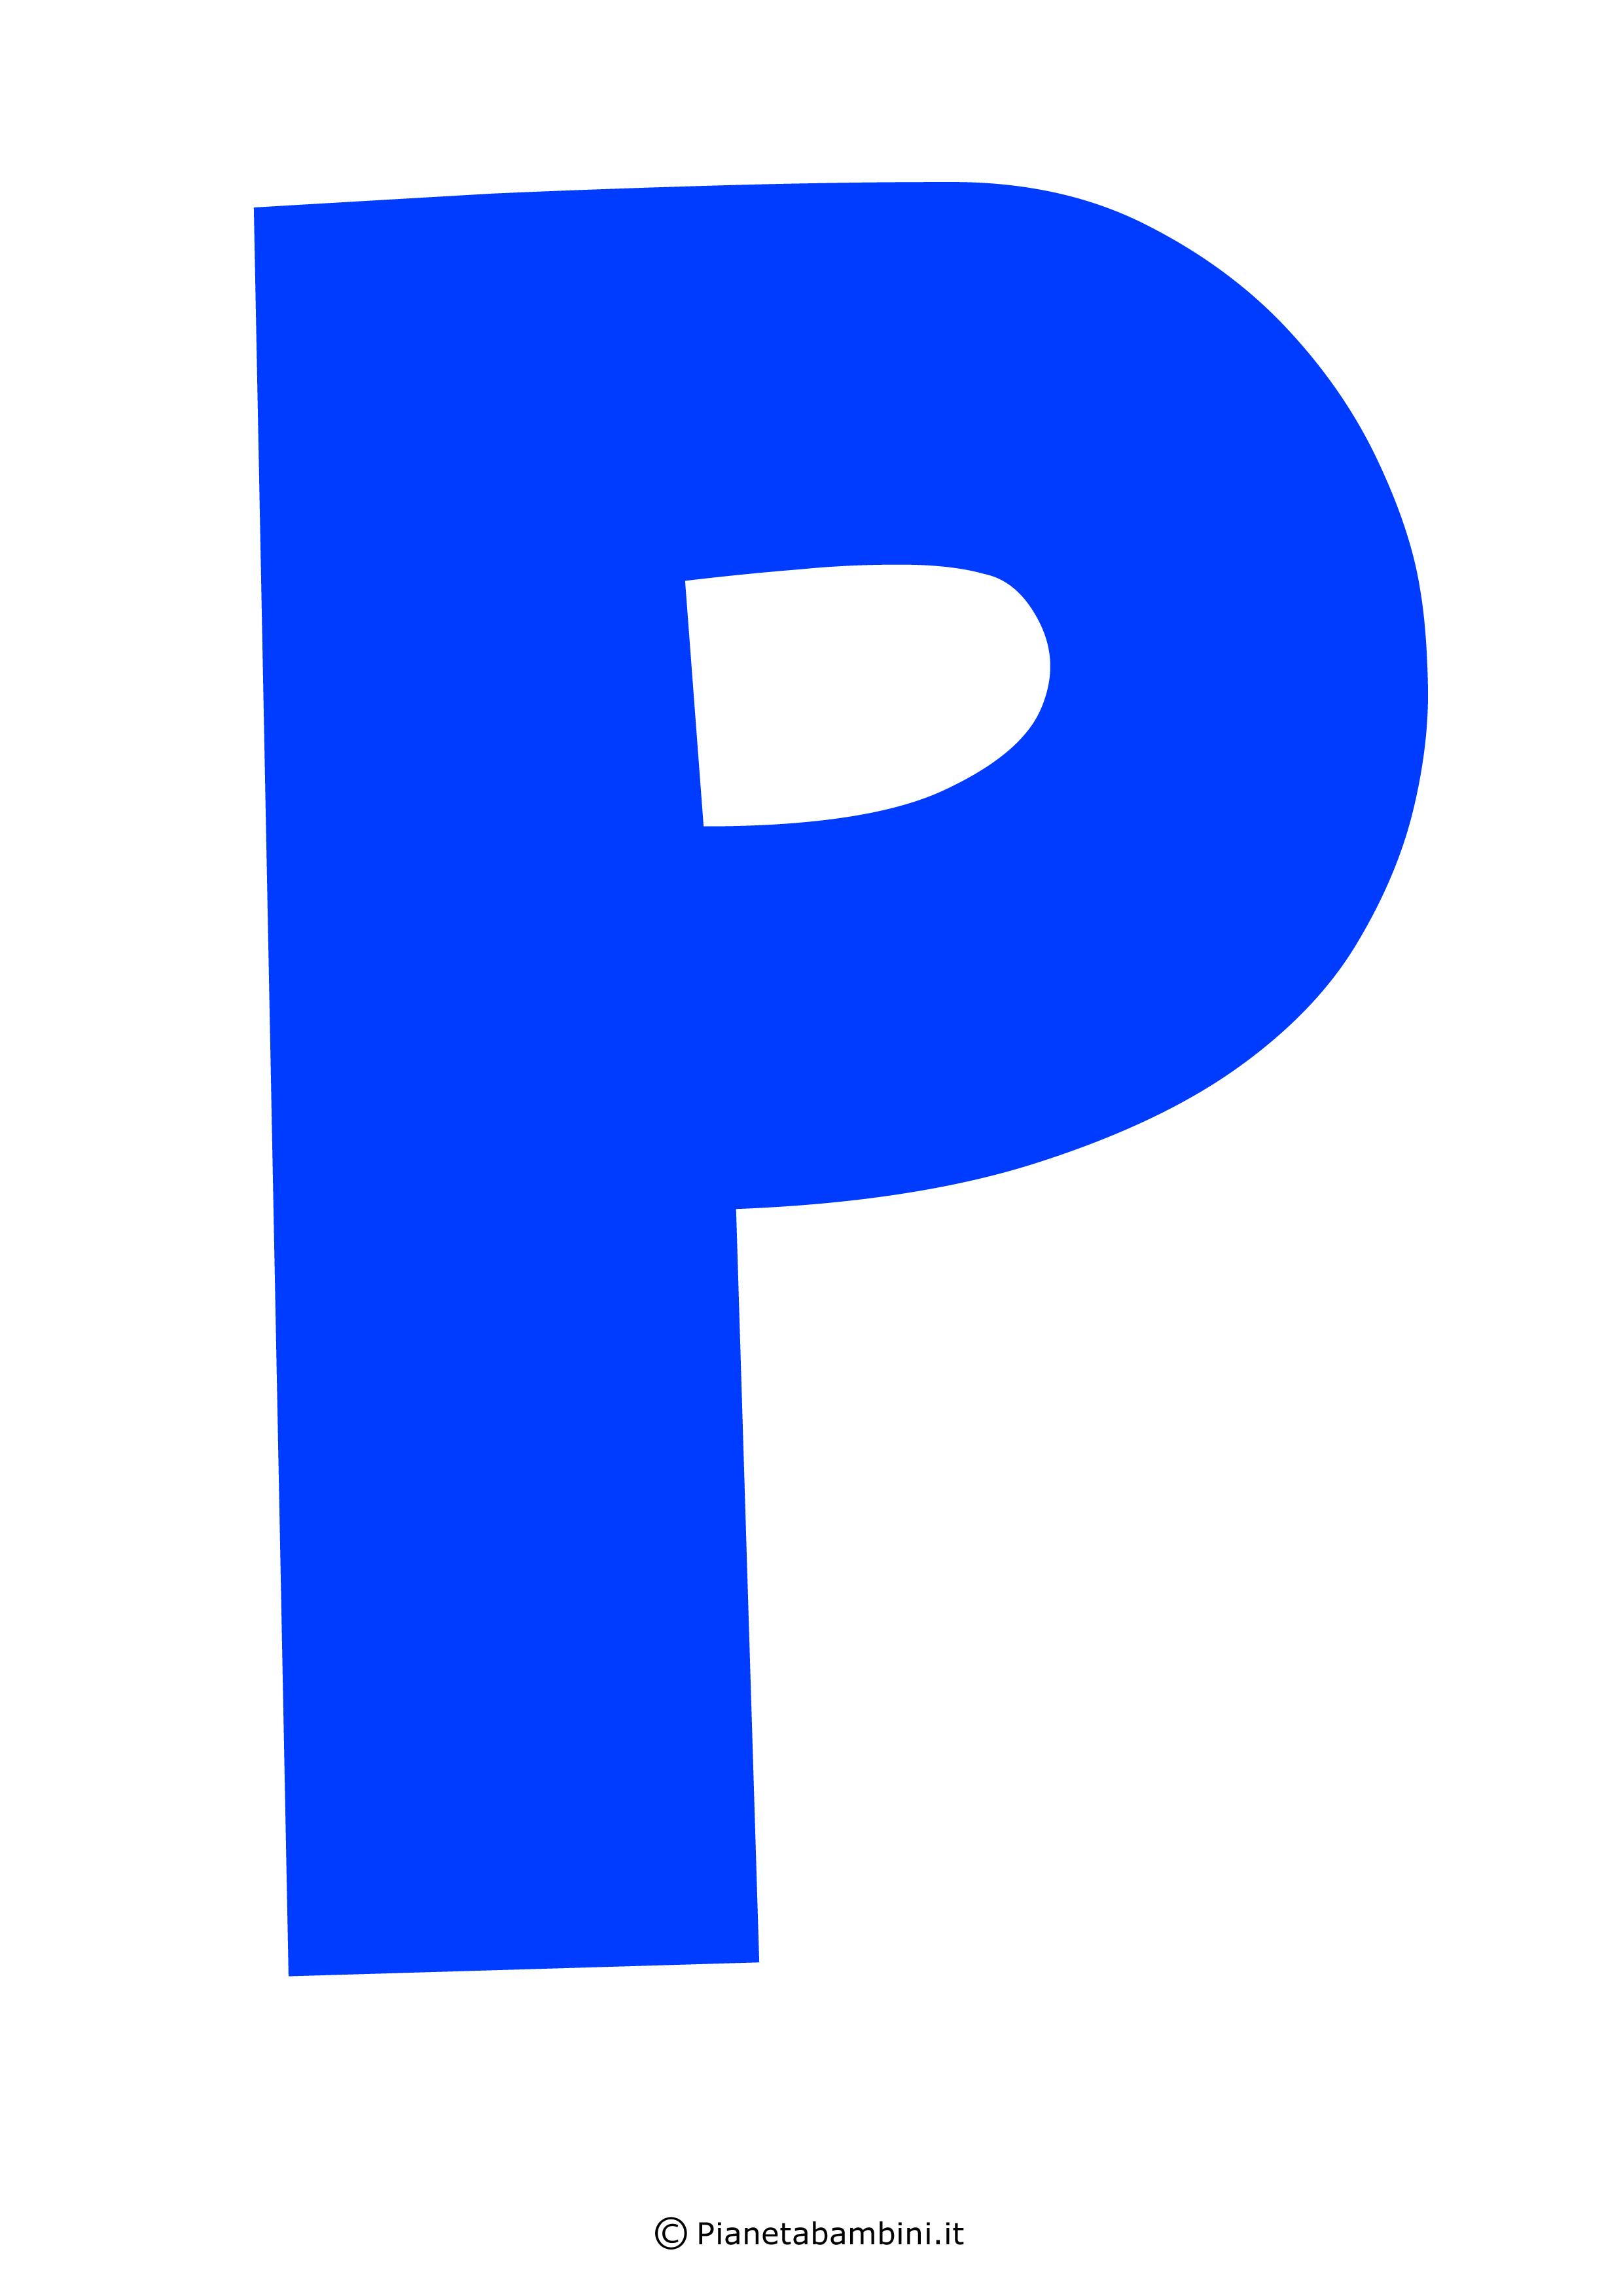 Lettera p blu pianetabambini pianetabambini lettera p blu thecheapjerseys Images